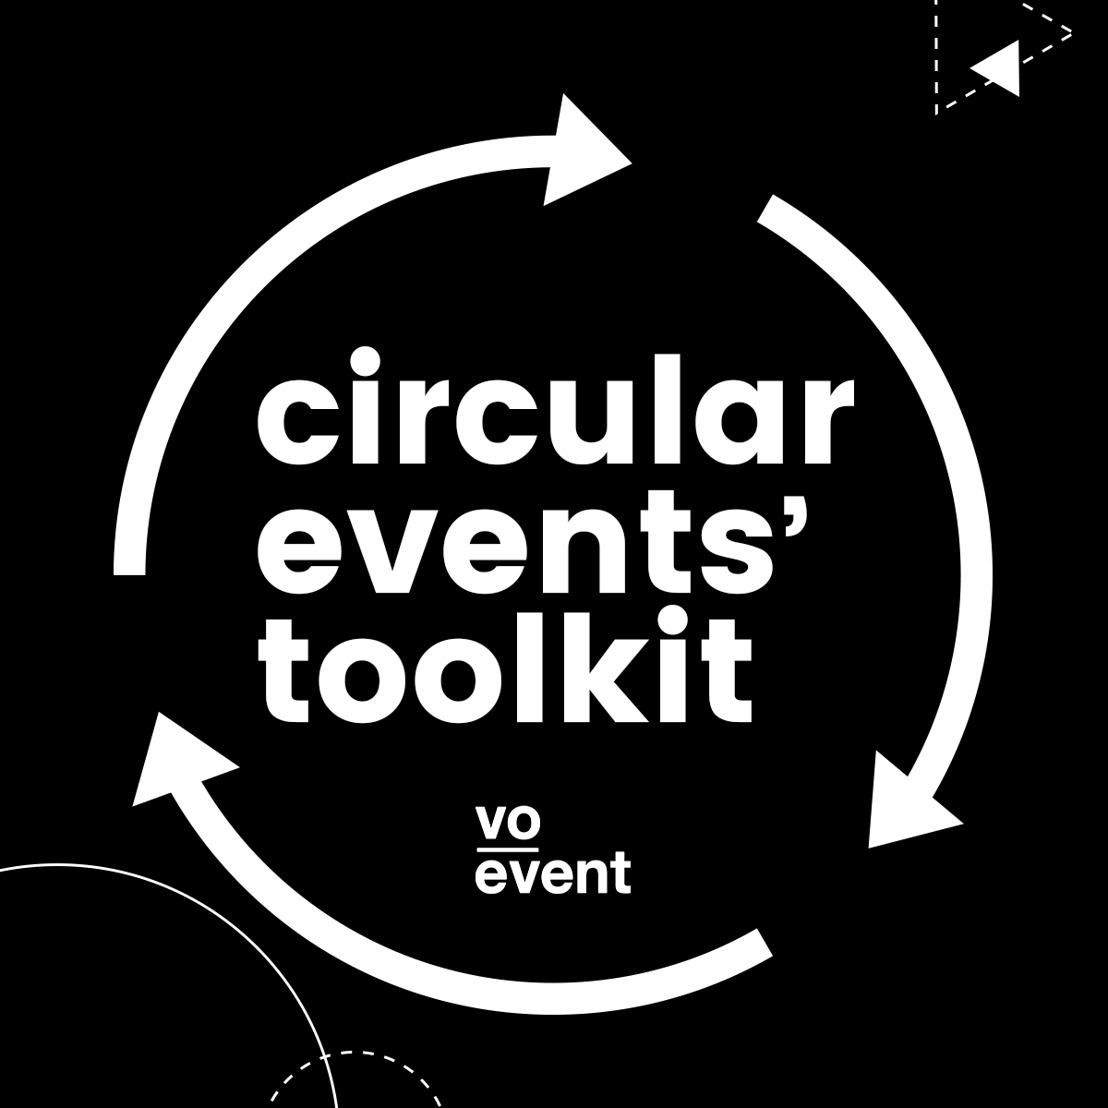 Avec son « Circular events' toolkit », VO Event remporte l'appel à projet du programme Be Circular de Bruxelles Environnement